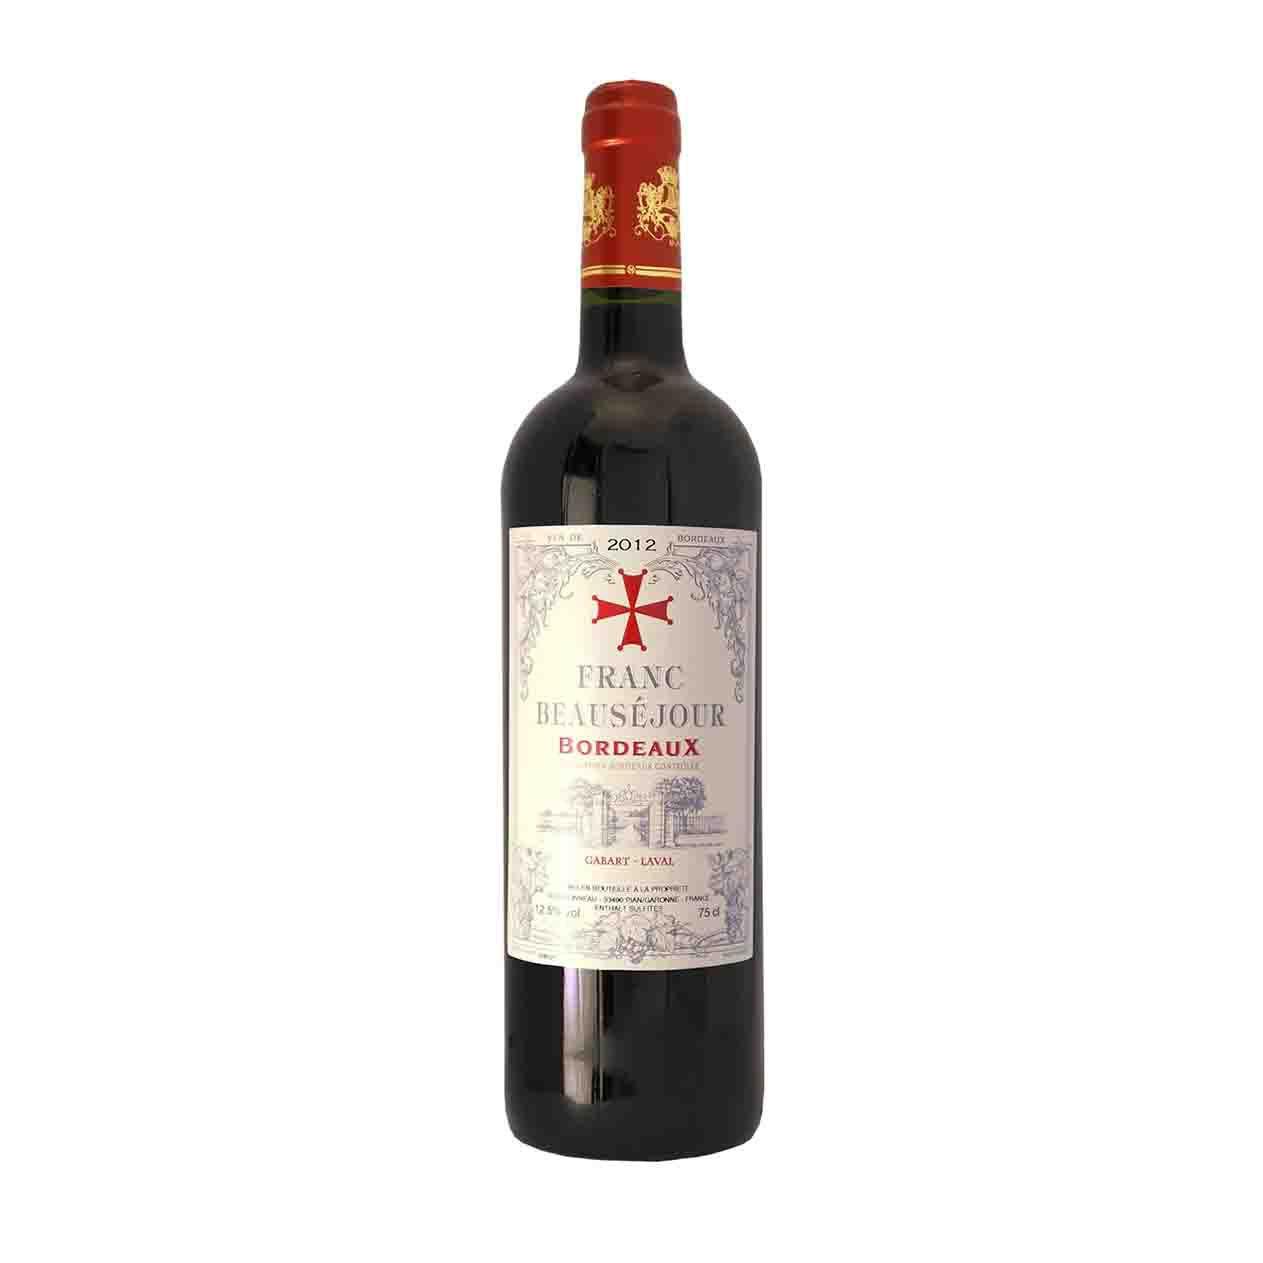 Franc Beausejour Bordeaux Tinto